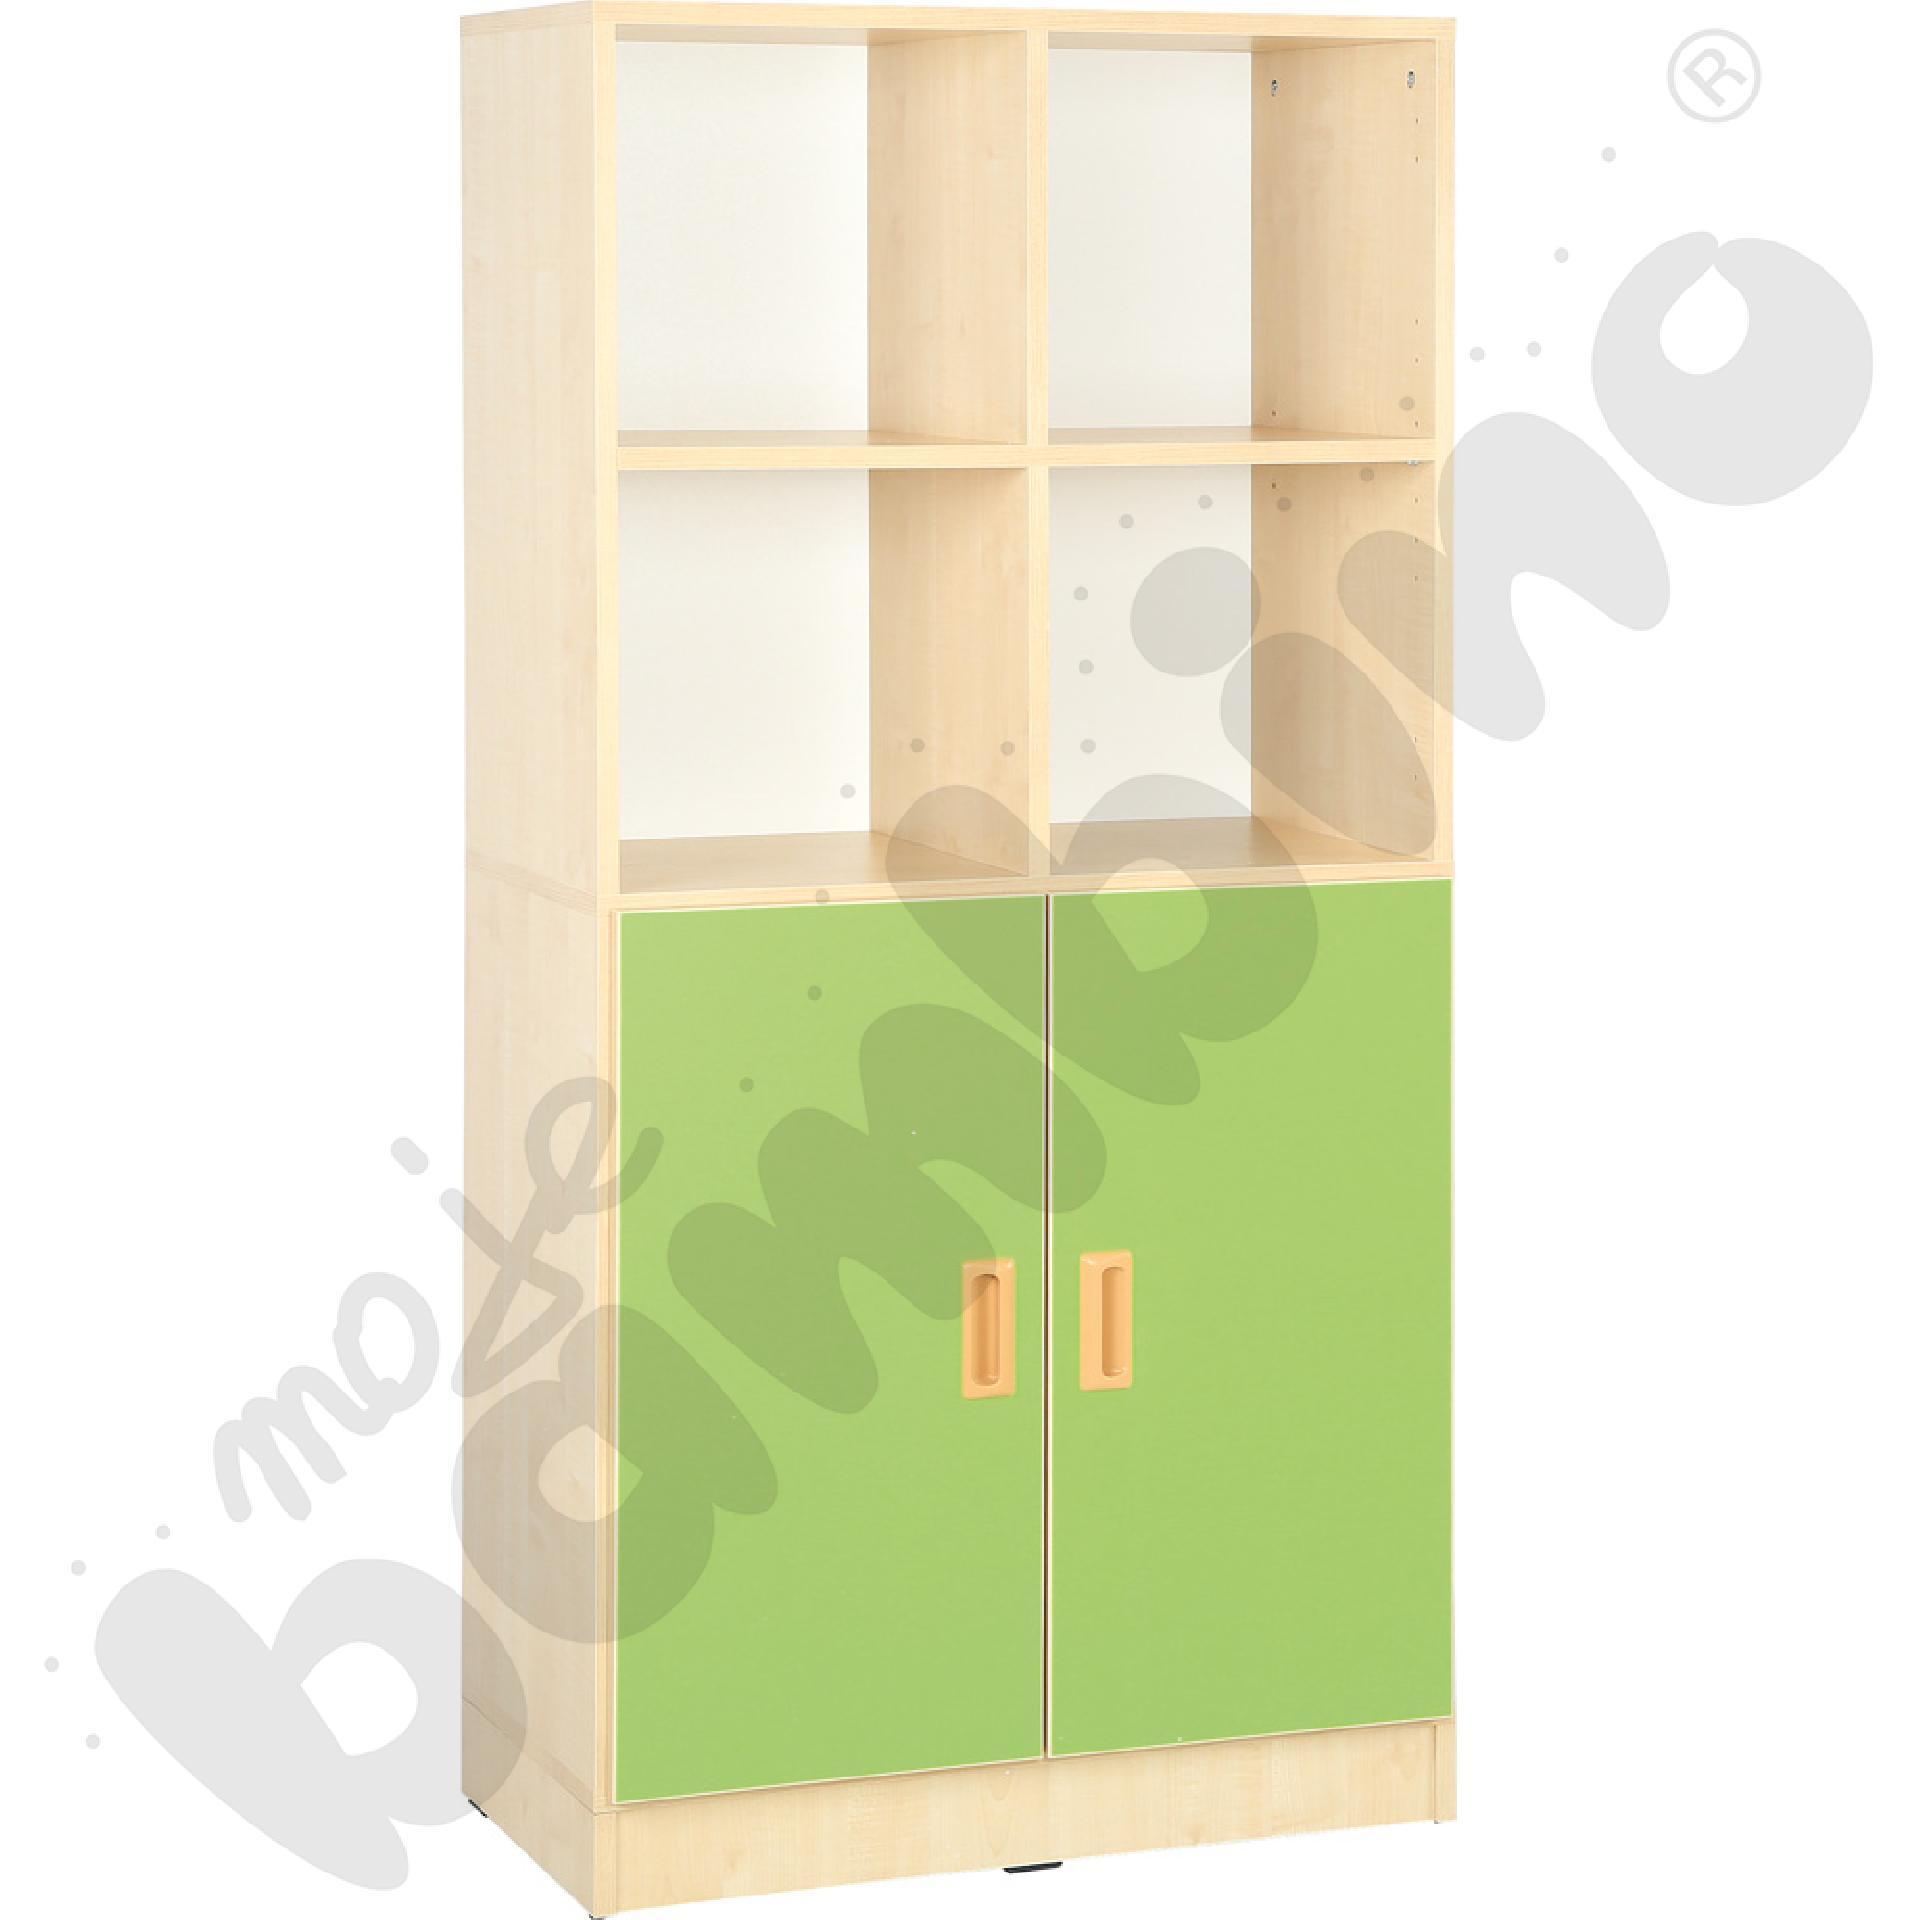 Drzwi duże do regału - zielone